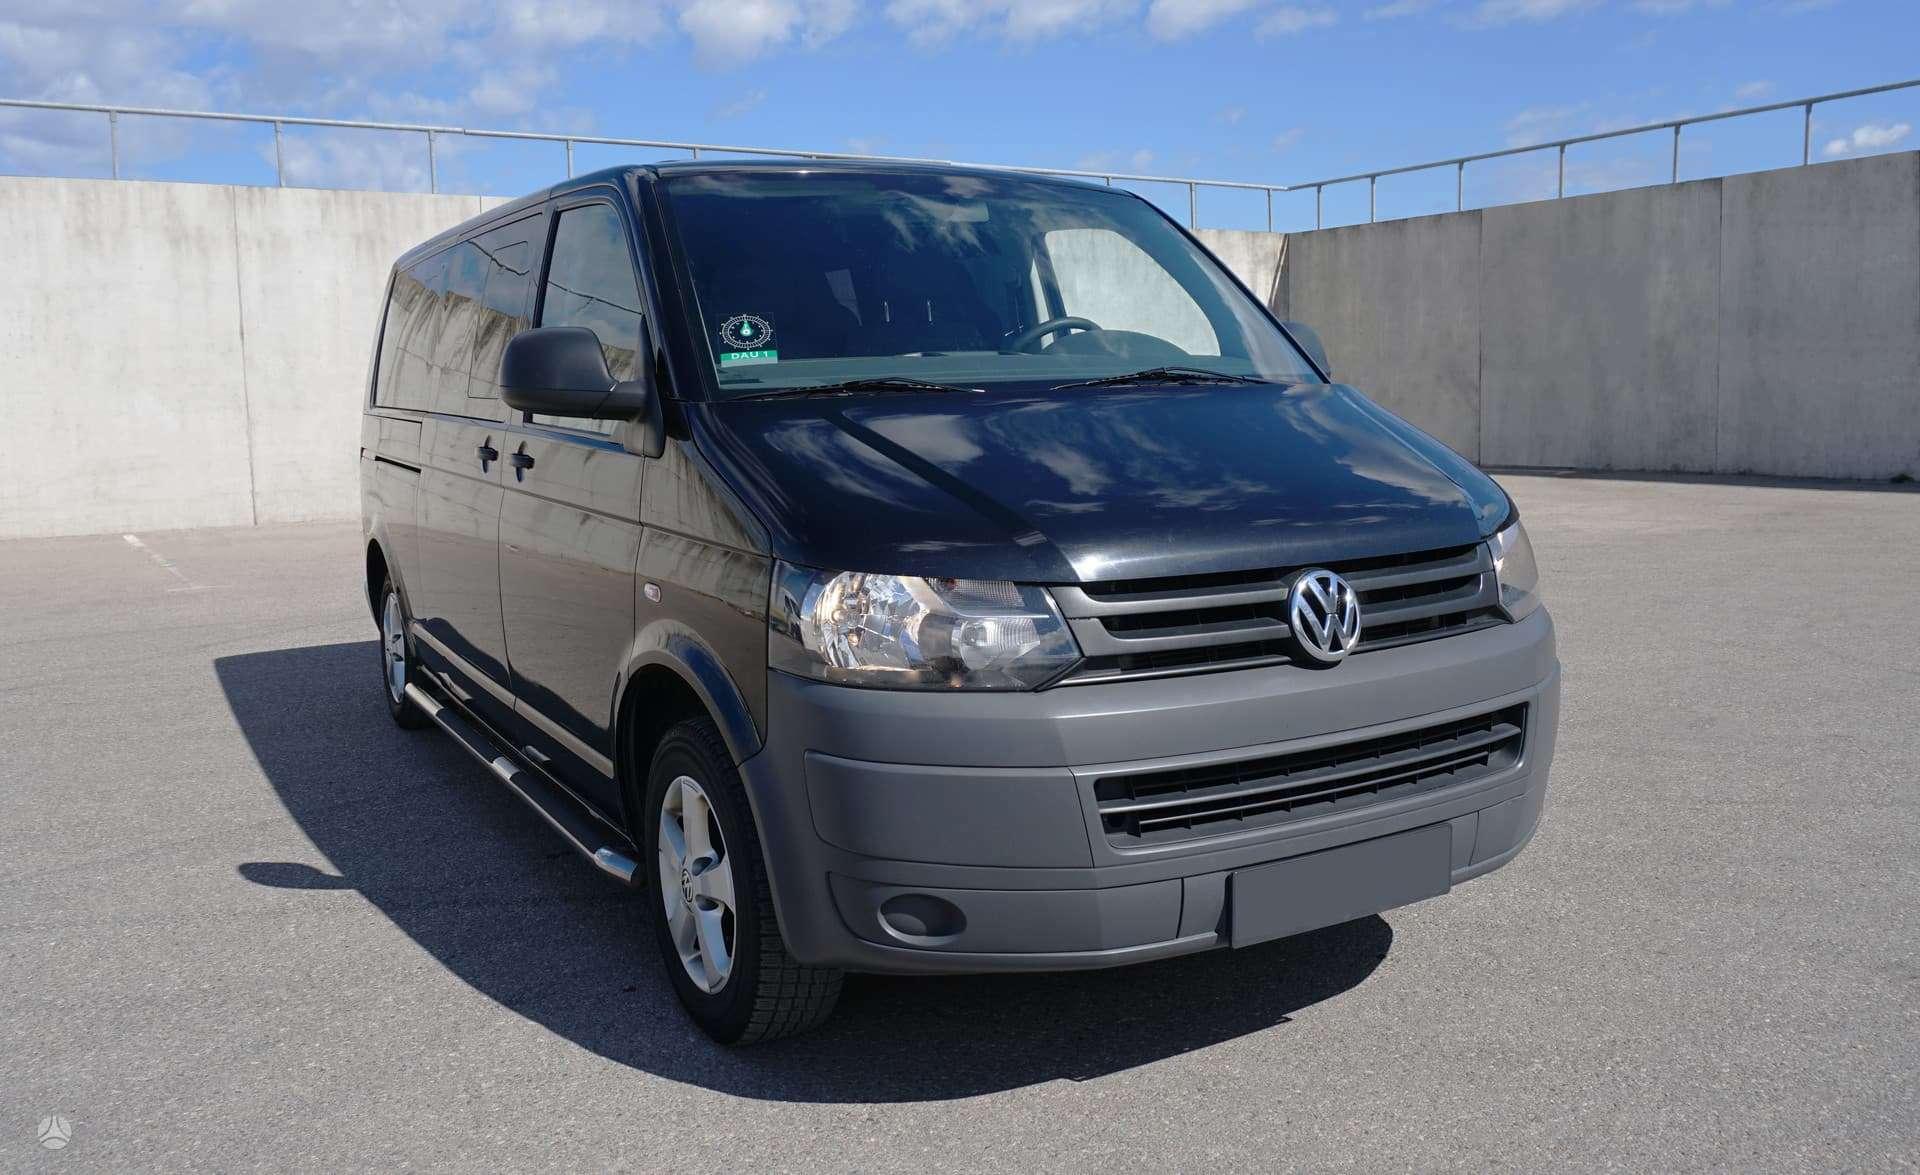 Volkswagen Transporter, 2.0 l., keleiviniai